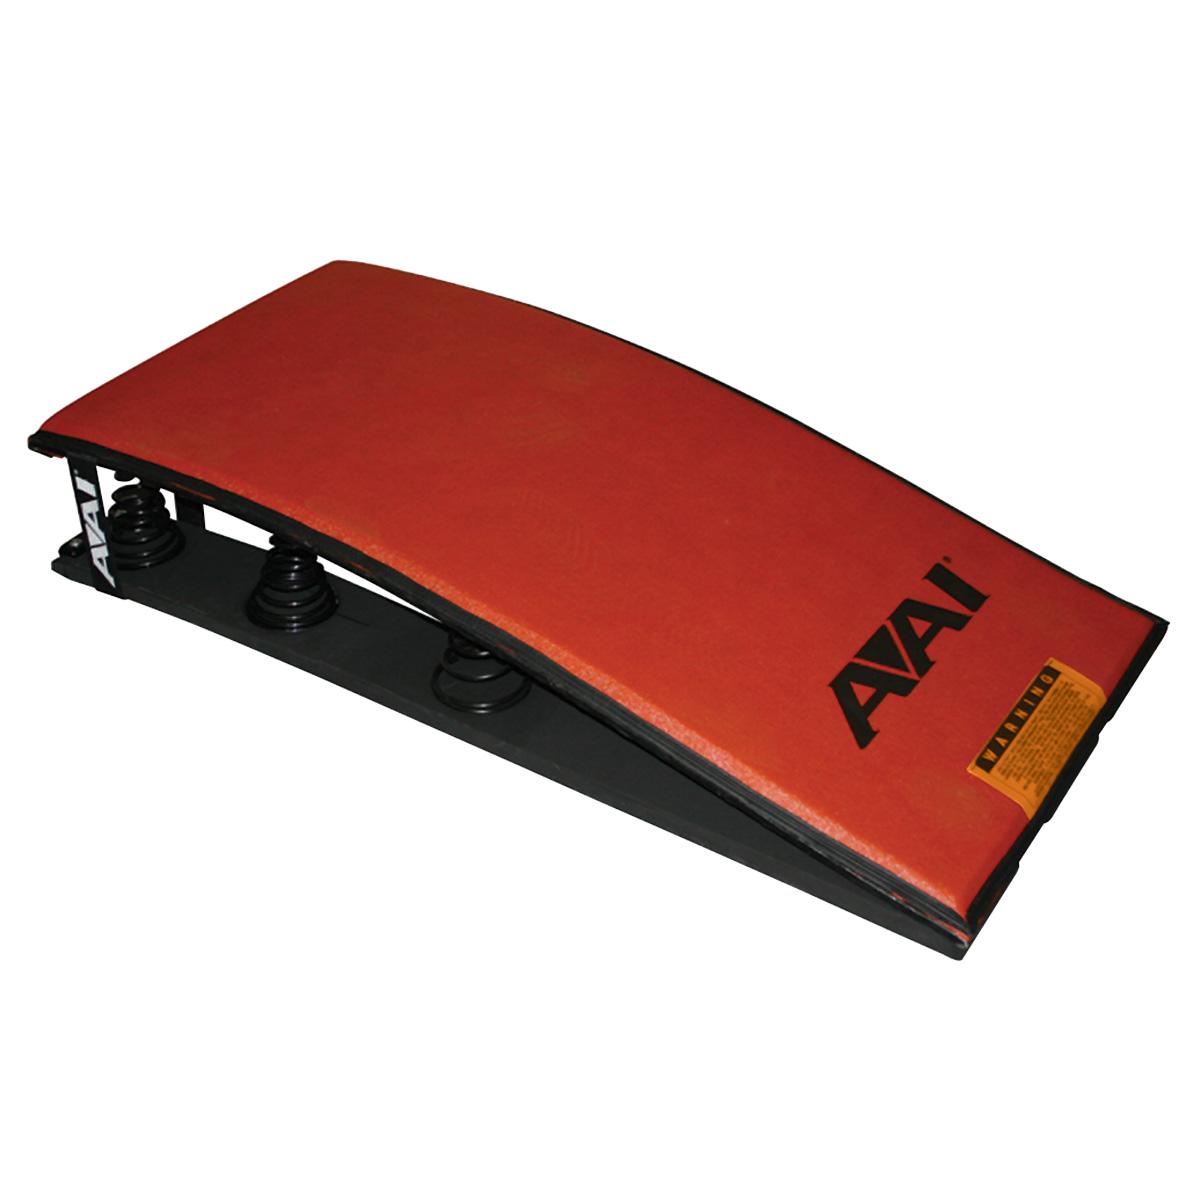 AAI TAC/10 LZT vault board